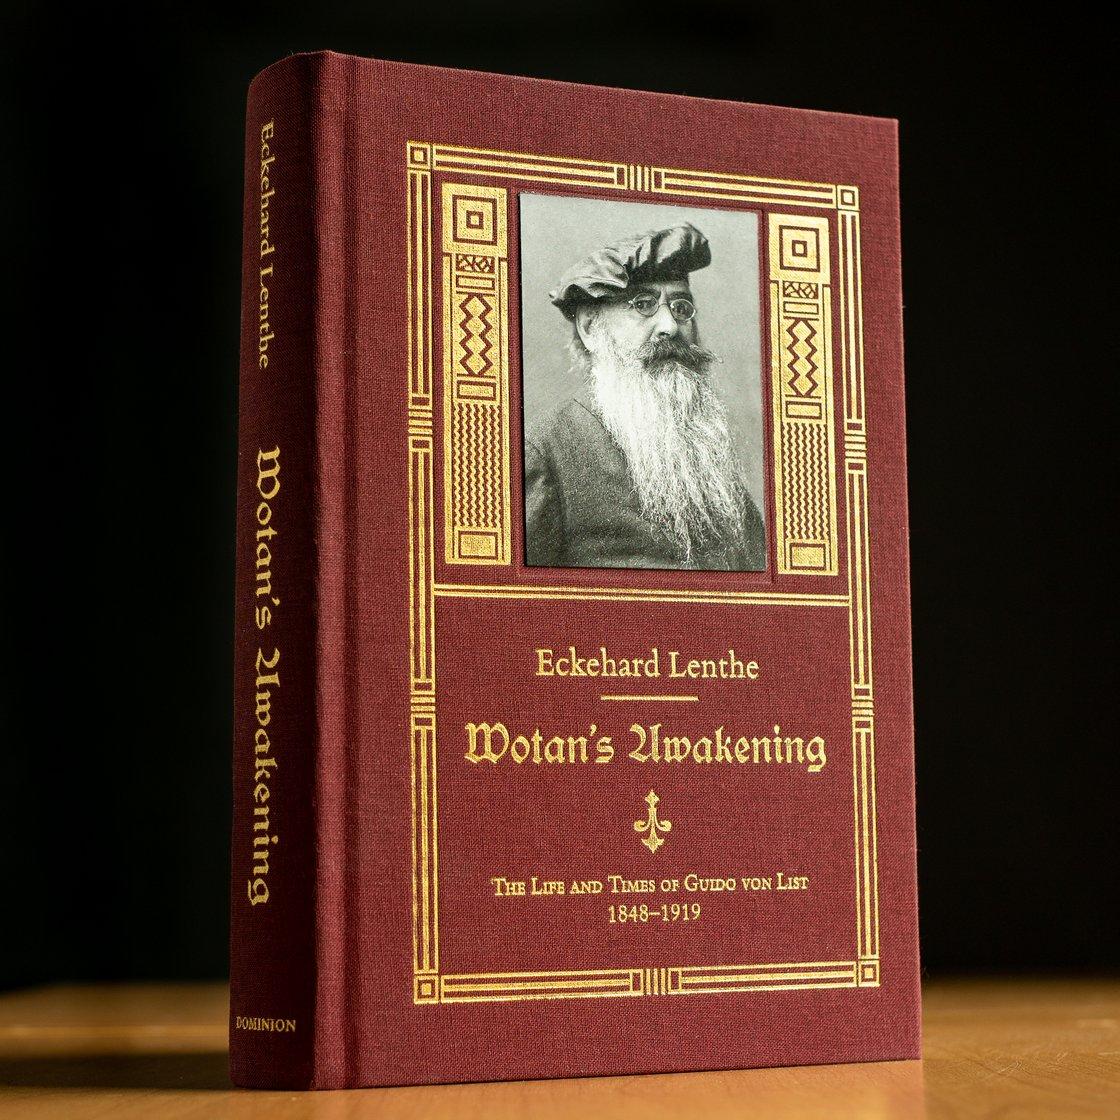 Image of Wotan's Awakening